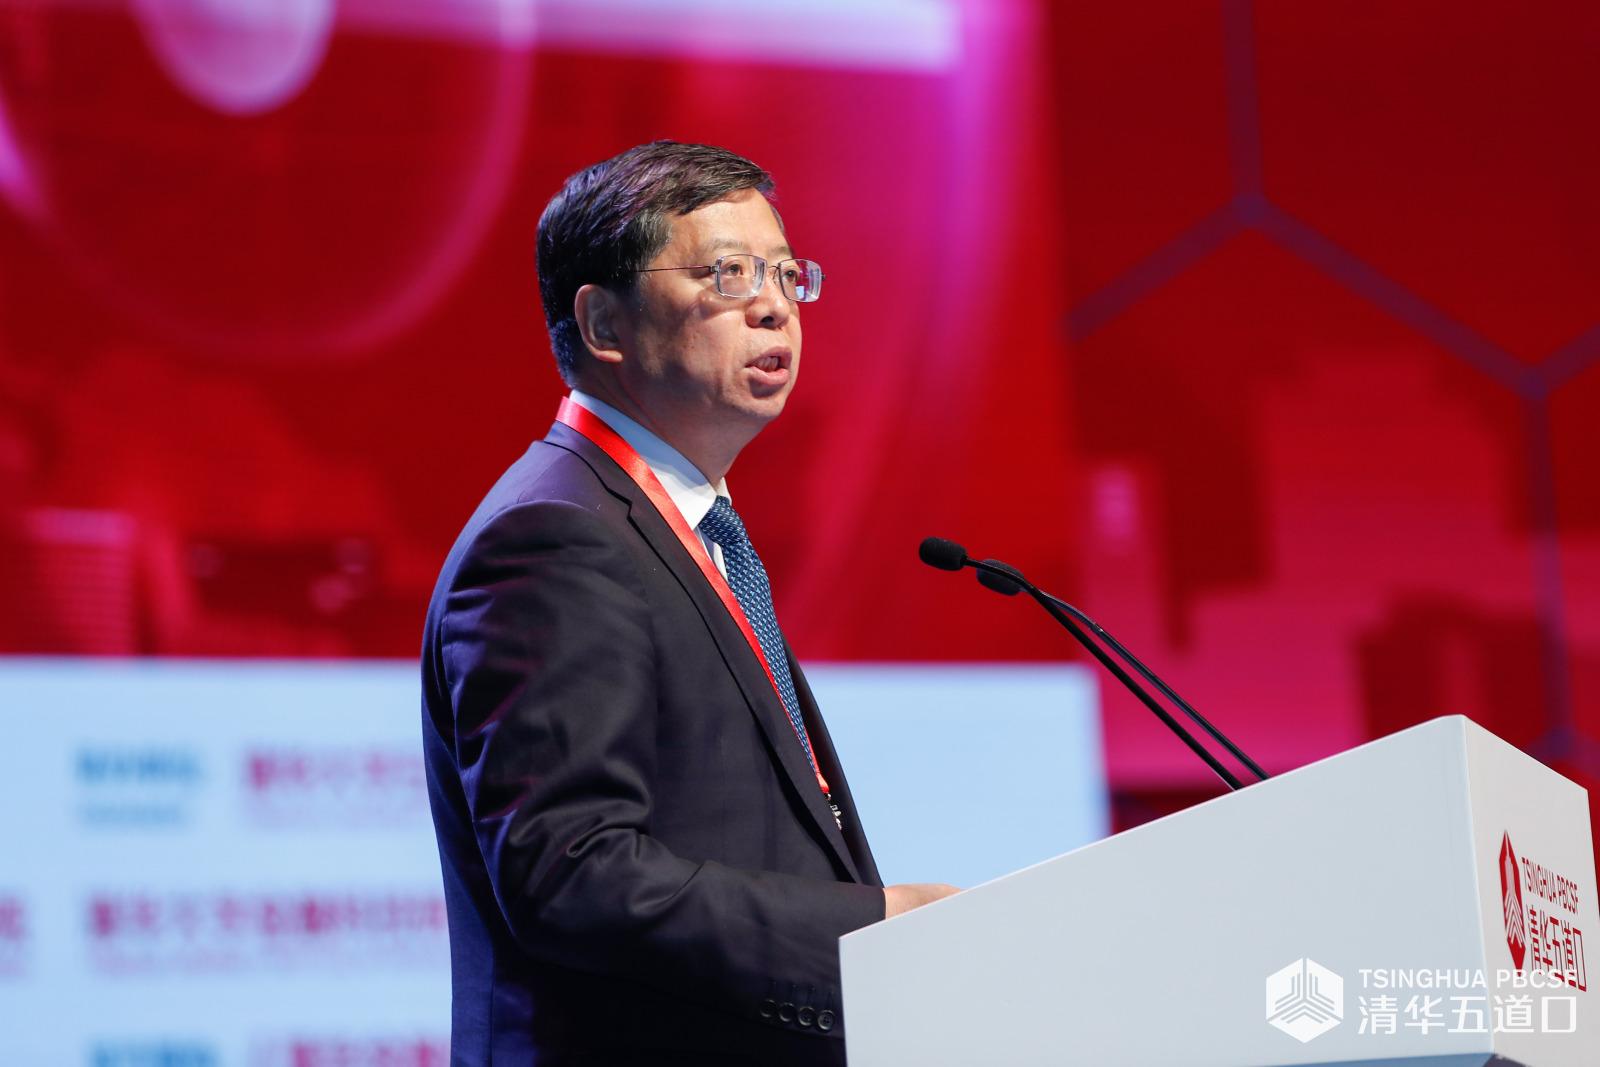 清華大學校長邱勇:推動金融理論與實踐創新 為高質量發展添動力